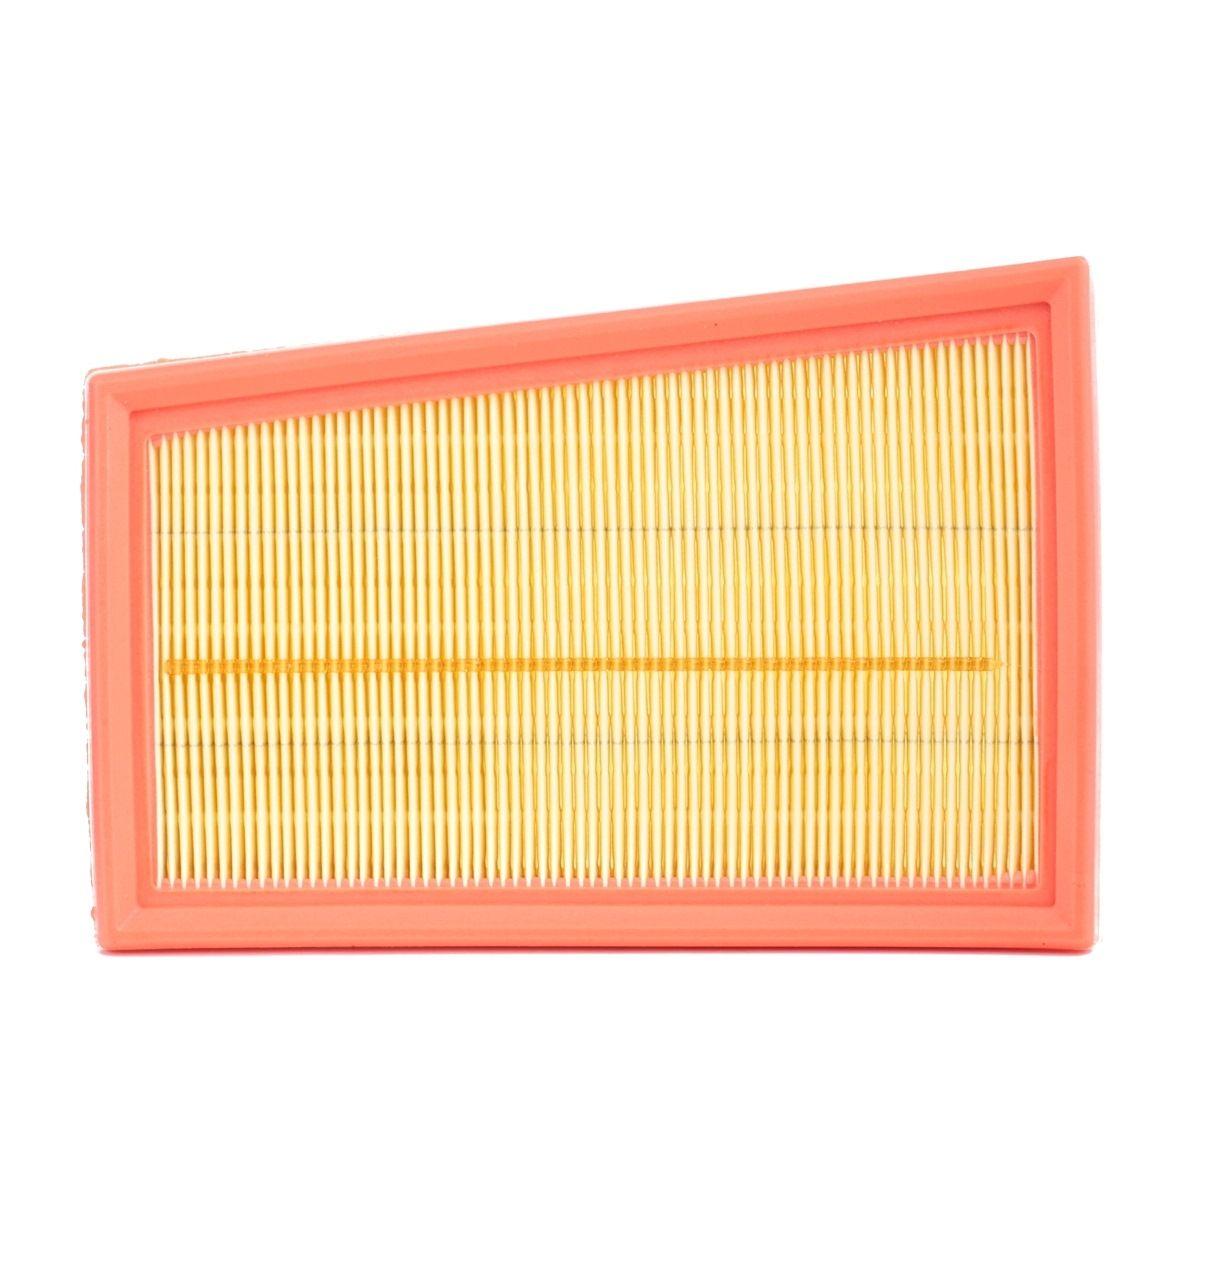 Original Zracni filter 585152 Nissan